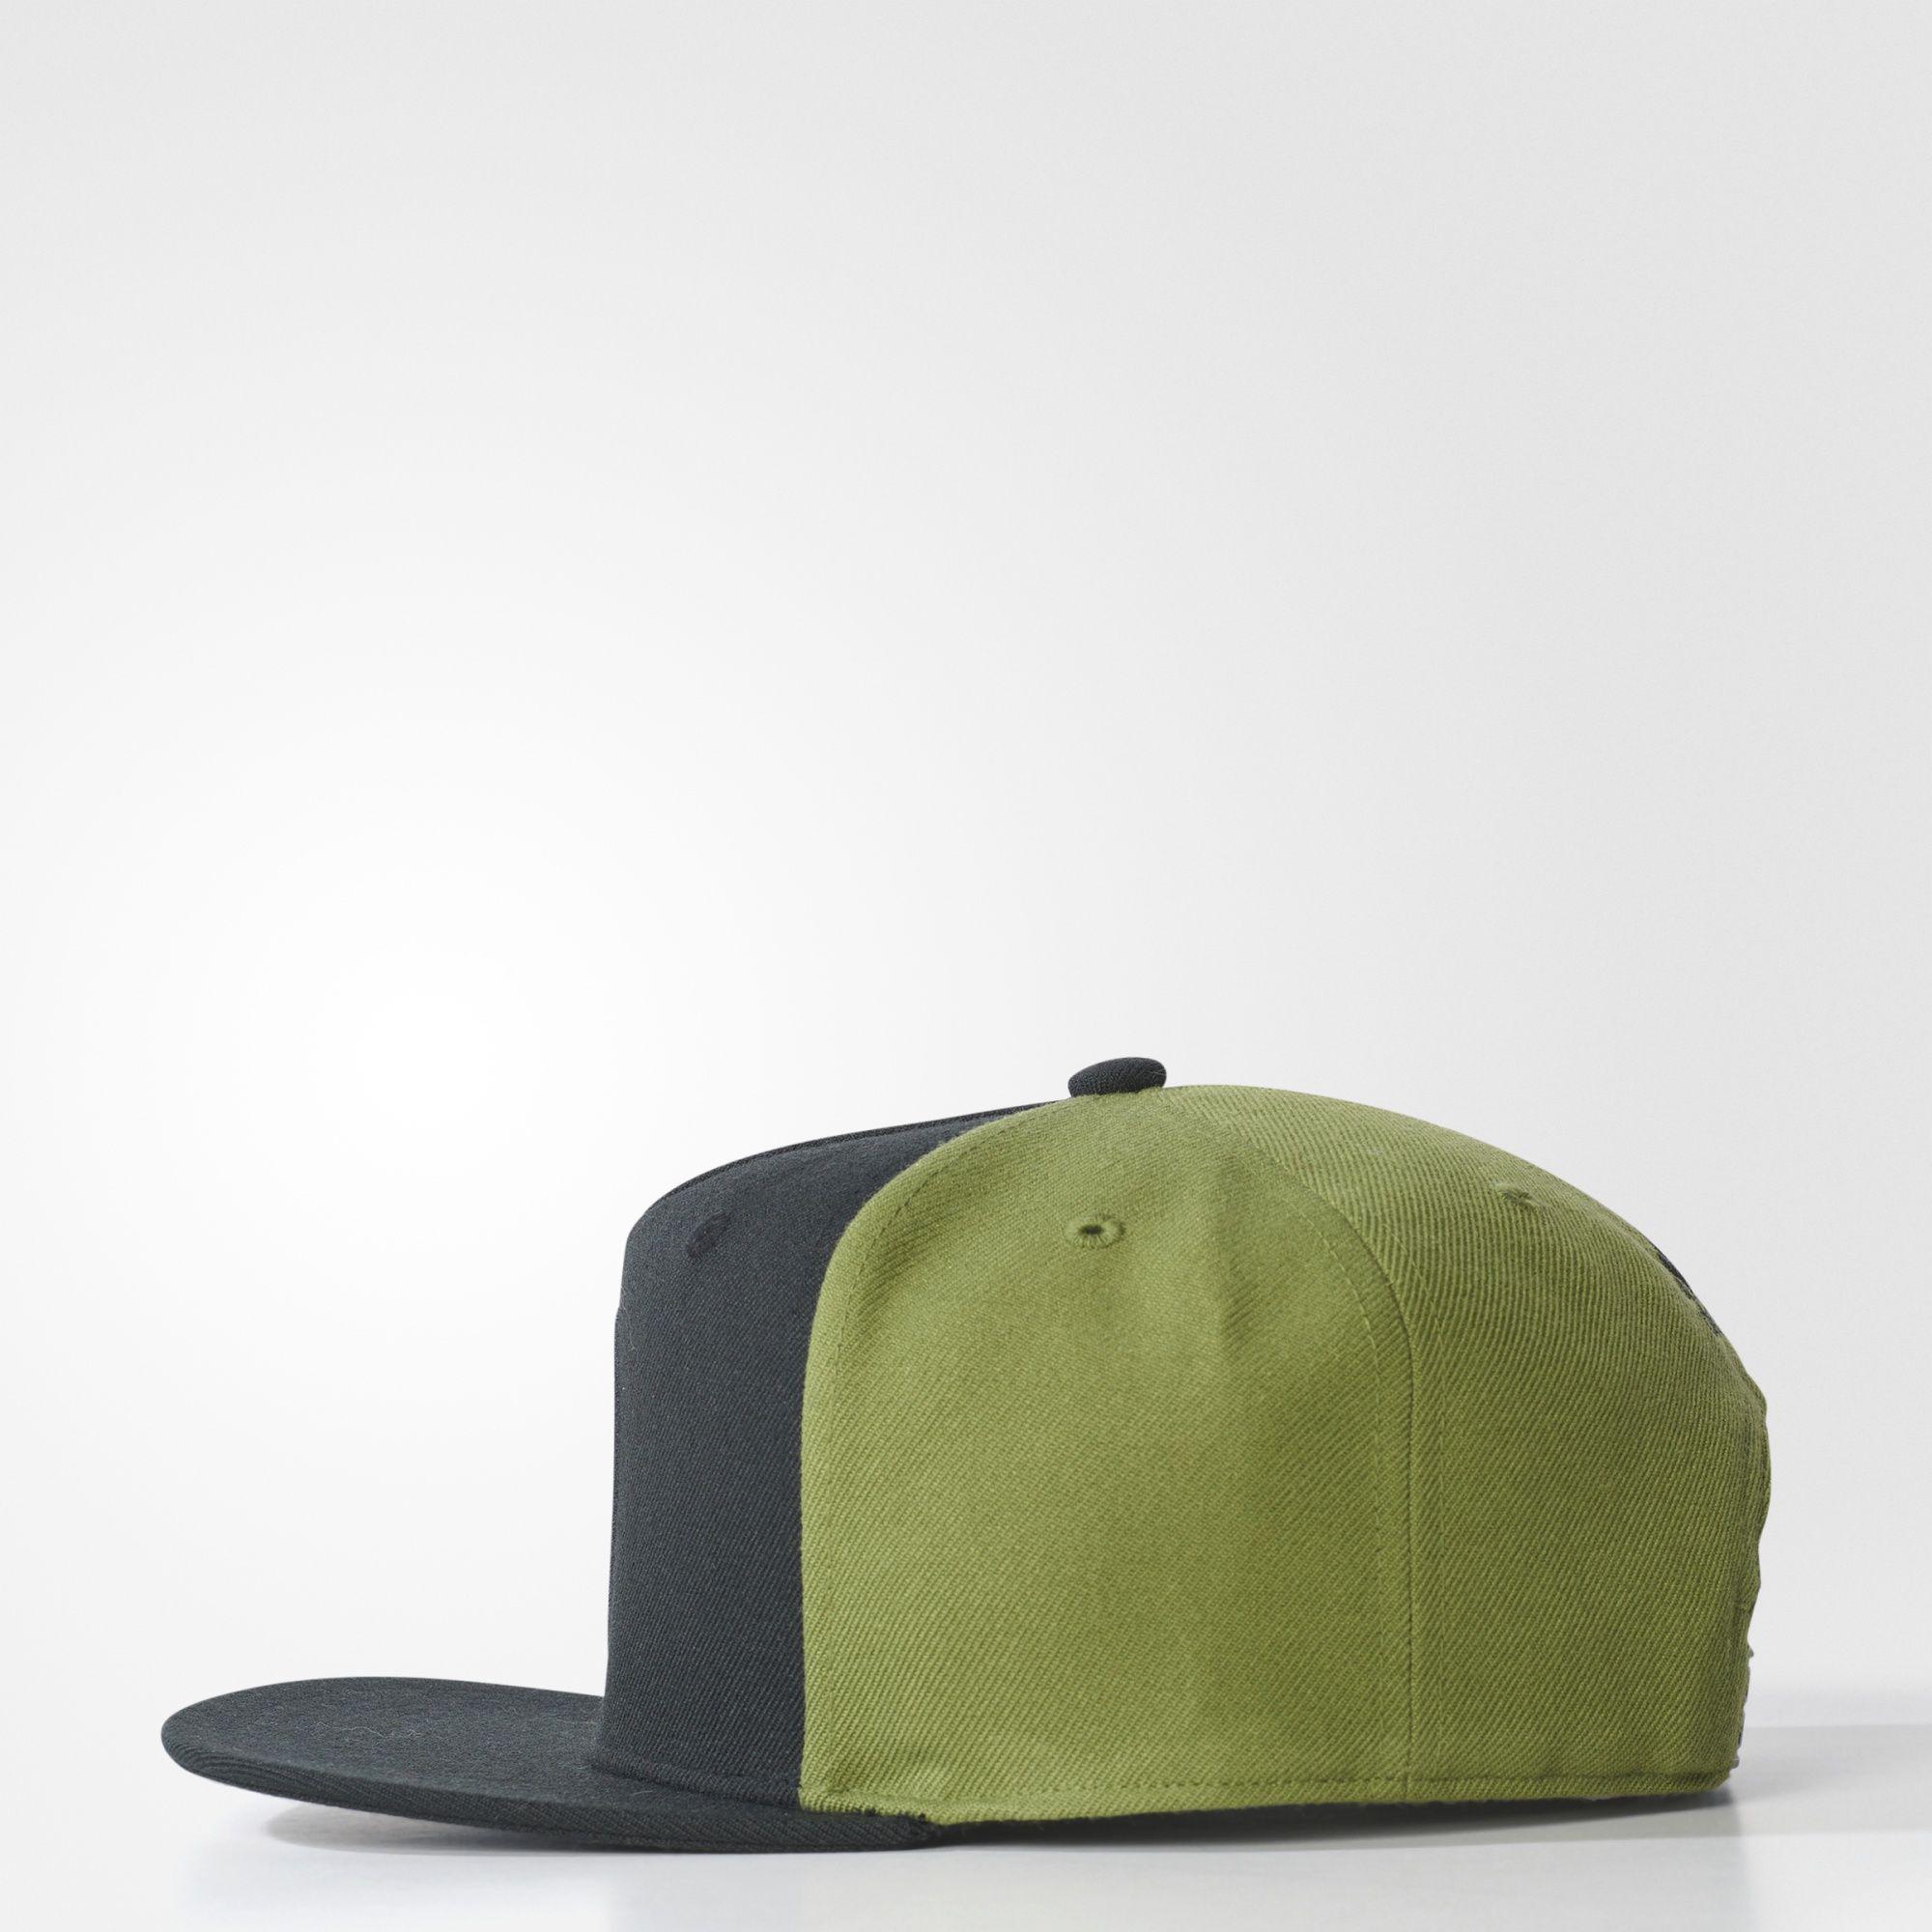 Lyst - adidas Juventus Flat-brim Hat in Black for Men 23ca0540cd9